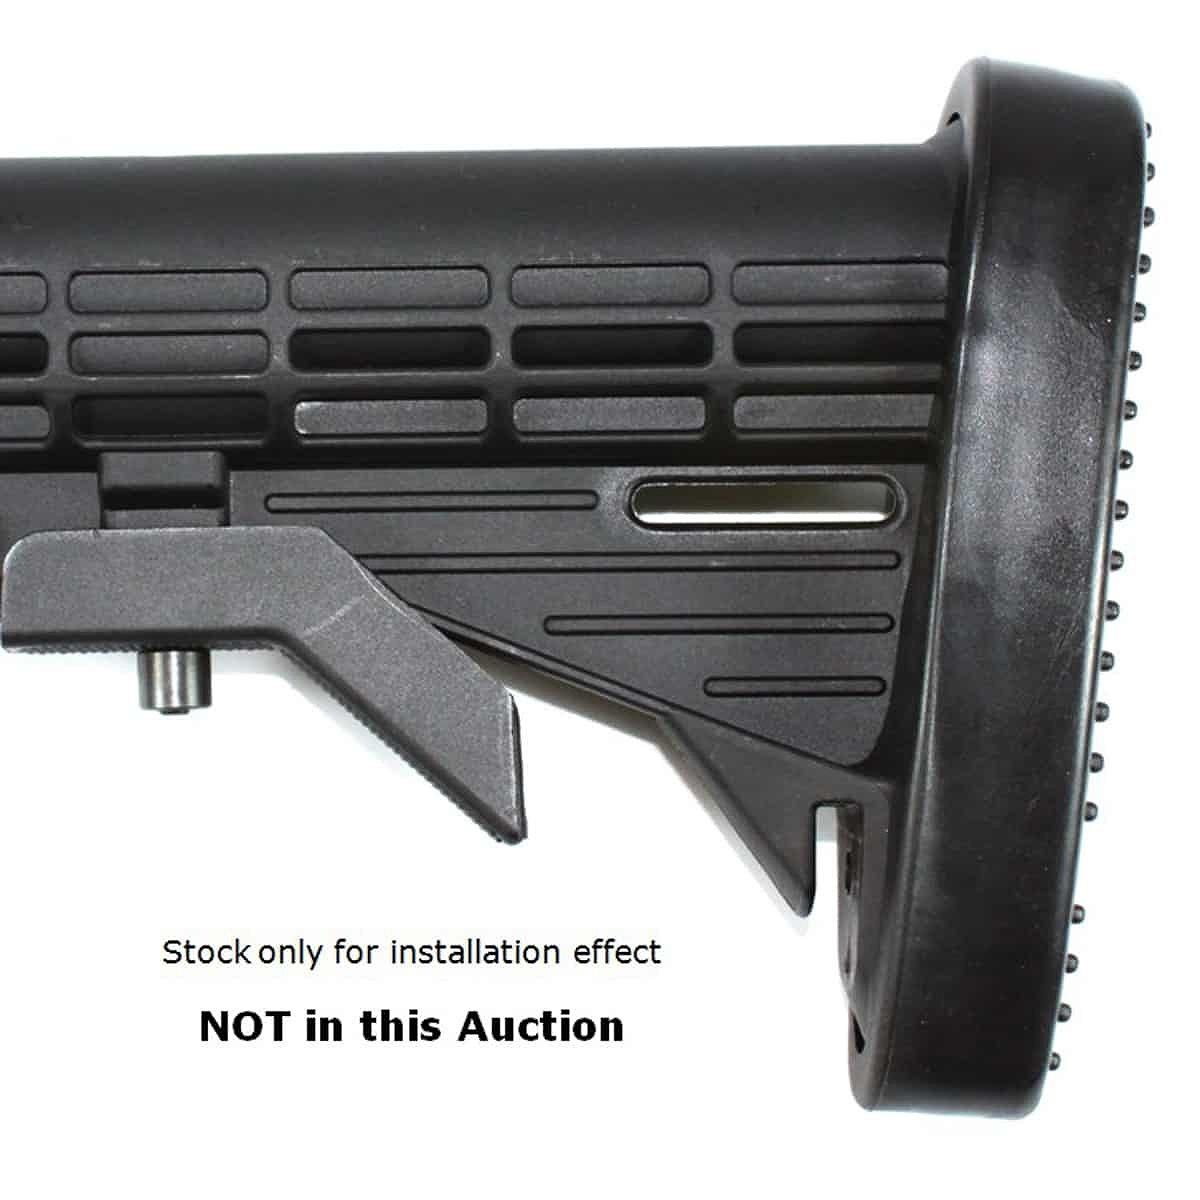 ベクターオプティクス ガンストック AR15 Gun Stock Pad  Vector Optics SCOT-20-01